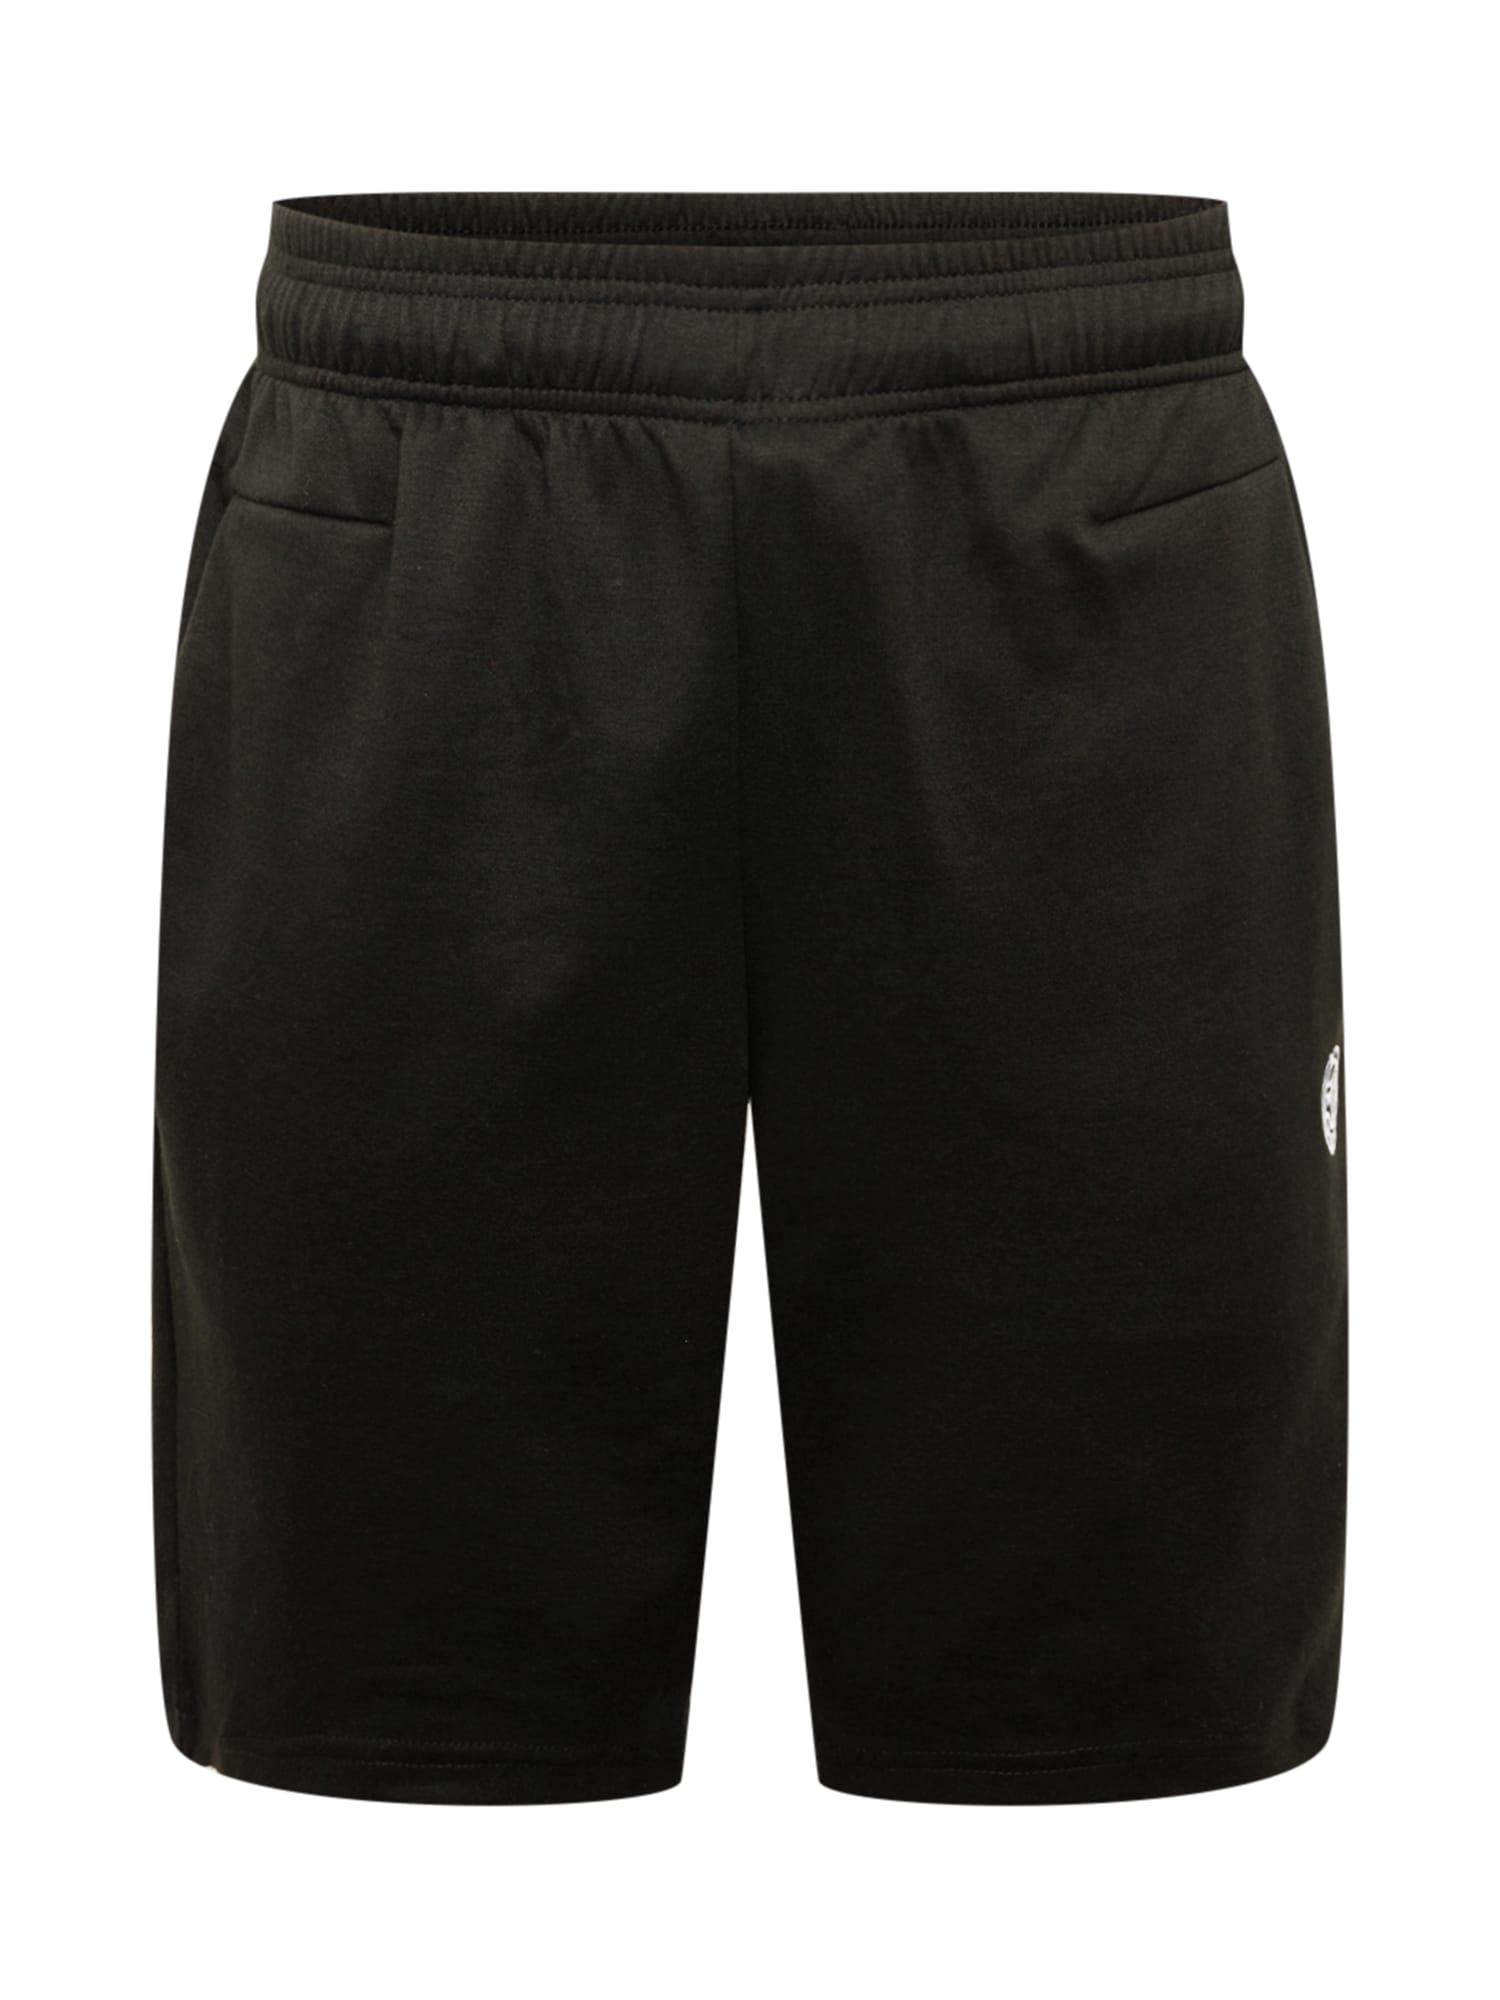 BIDI BADU Sportinės kelnės juoda